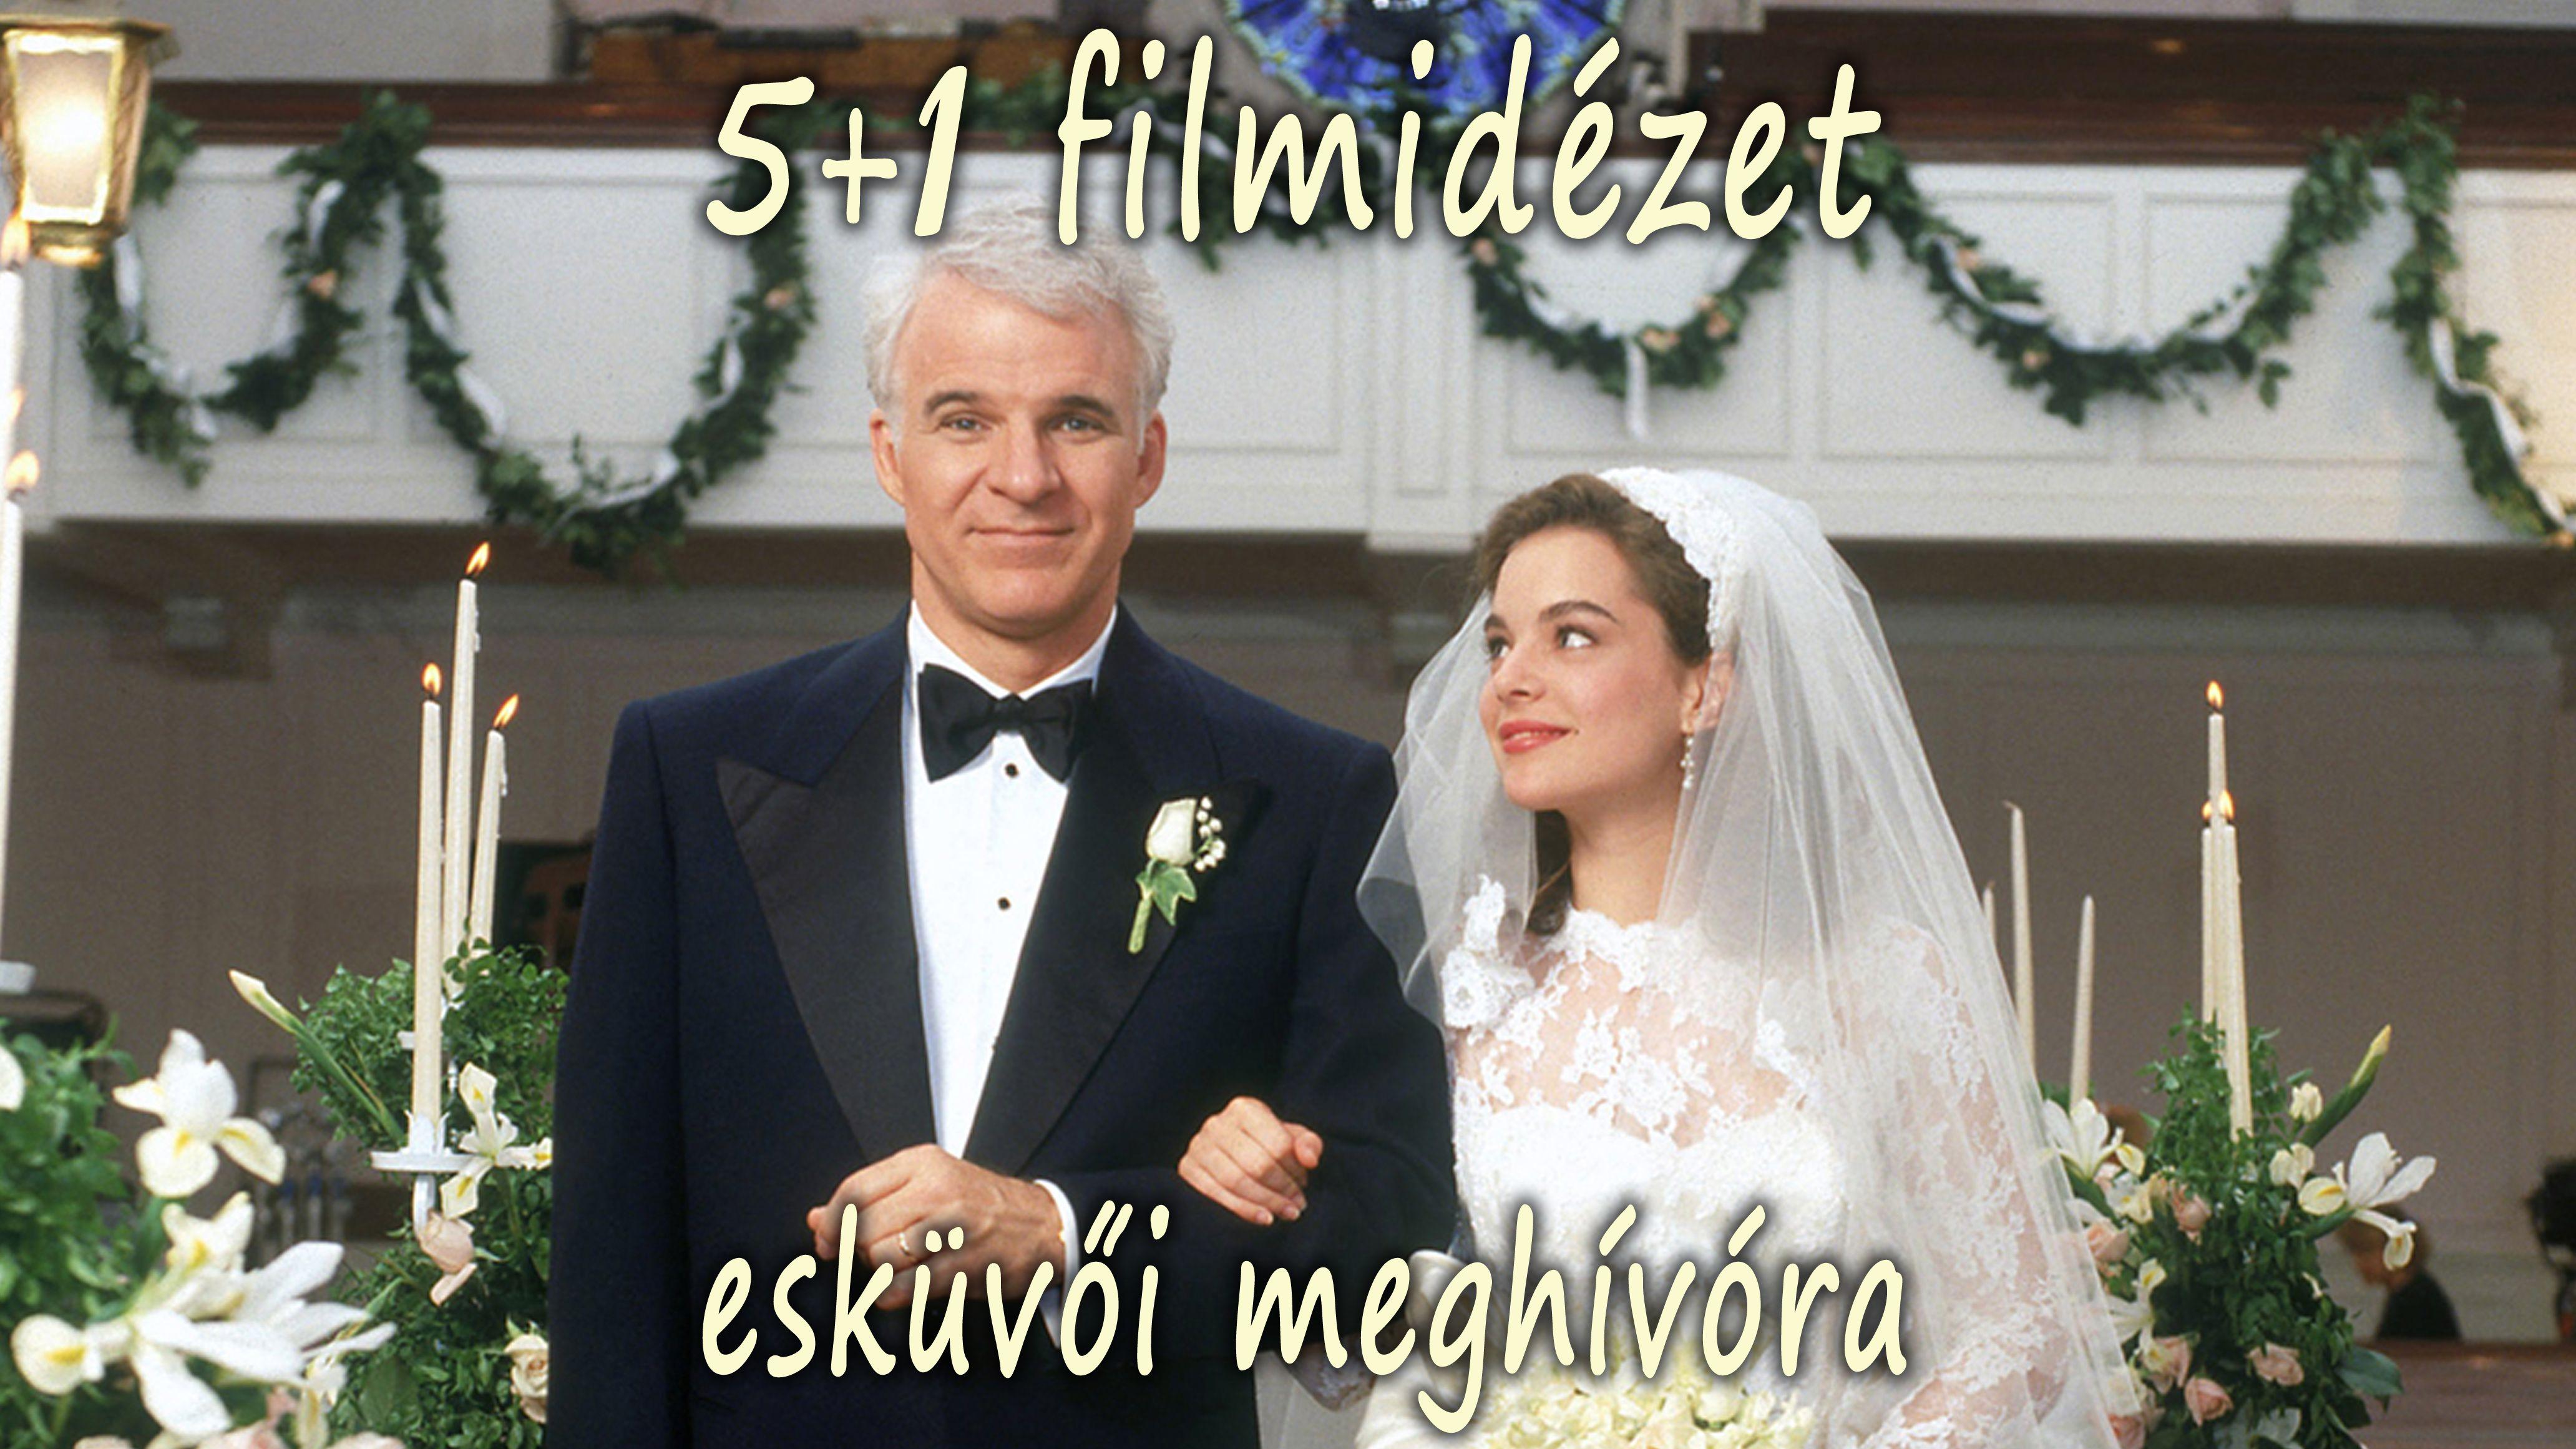 5+1 filmidézet esküvői meghívóra (a képre kattintva